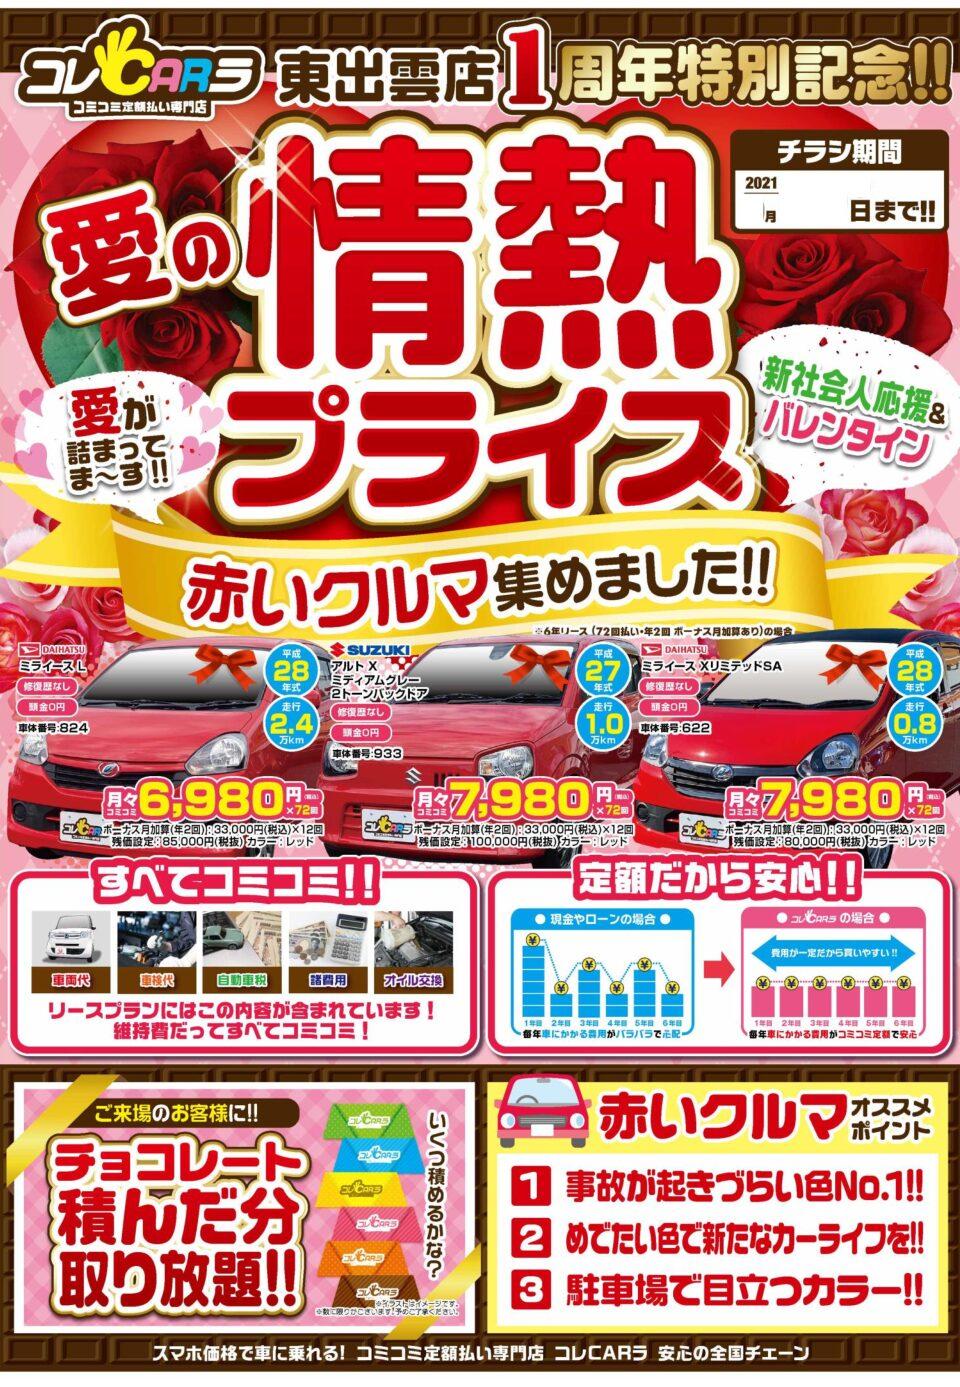 バレンタイン特別イベント❣情熱の「赤い車」集めました❕